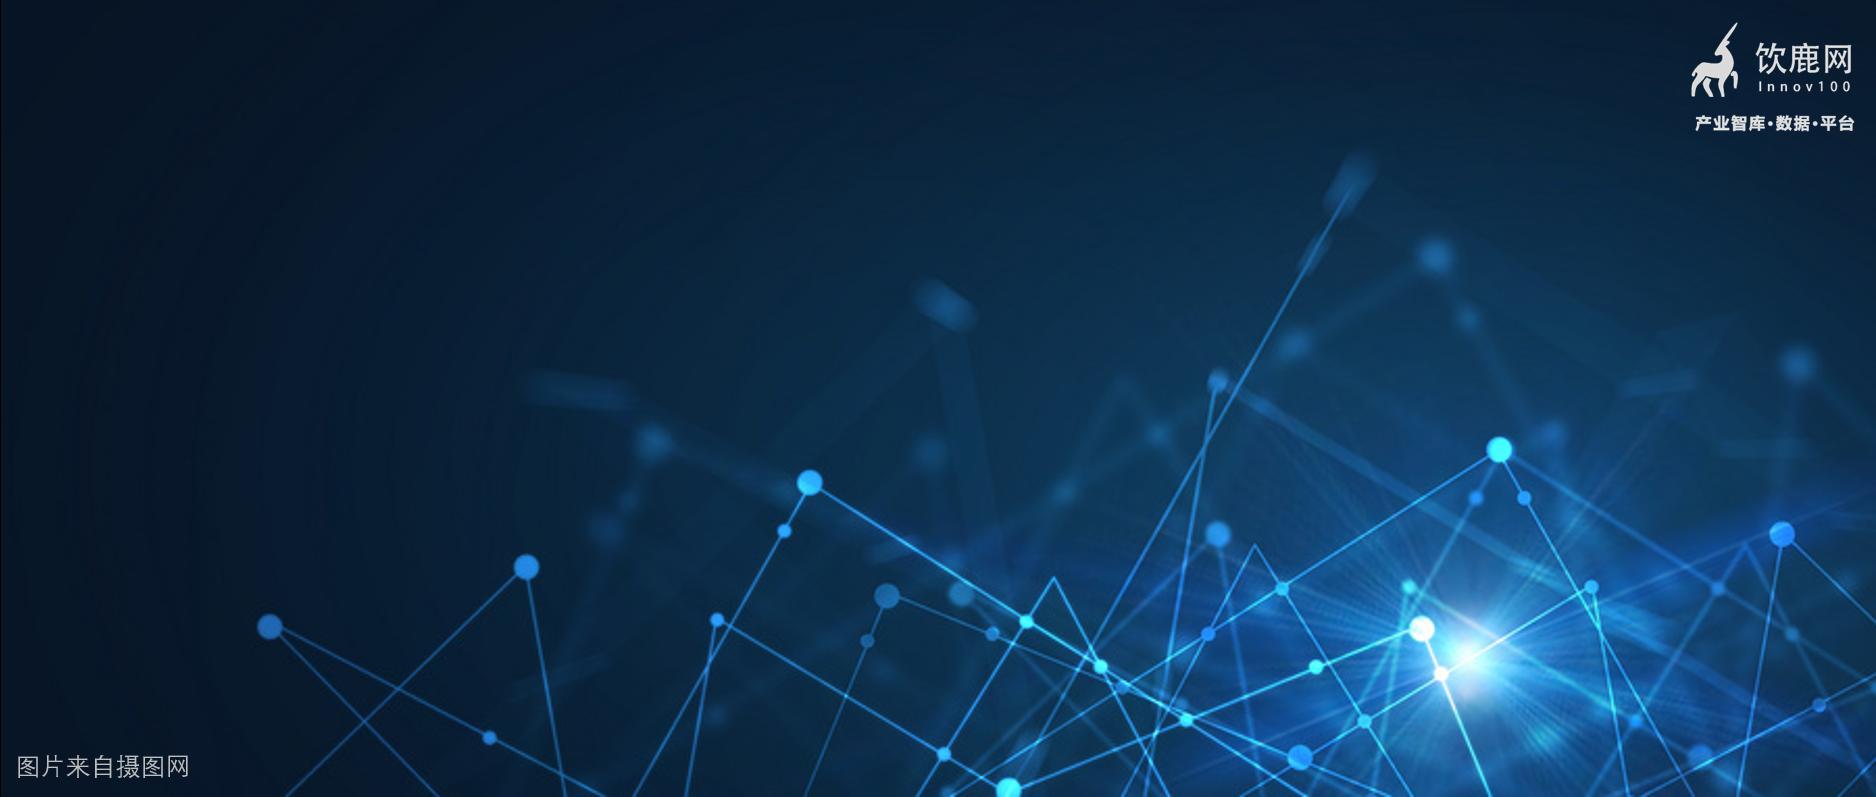 赛智时代:政府数字化转型路径研究